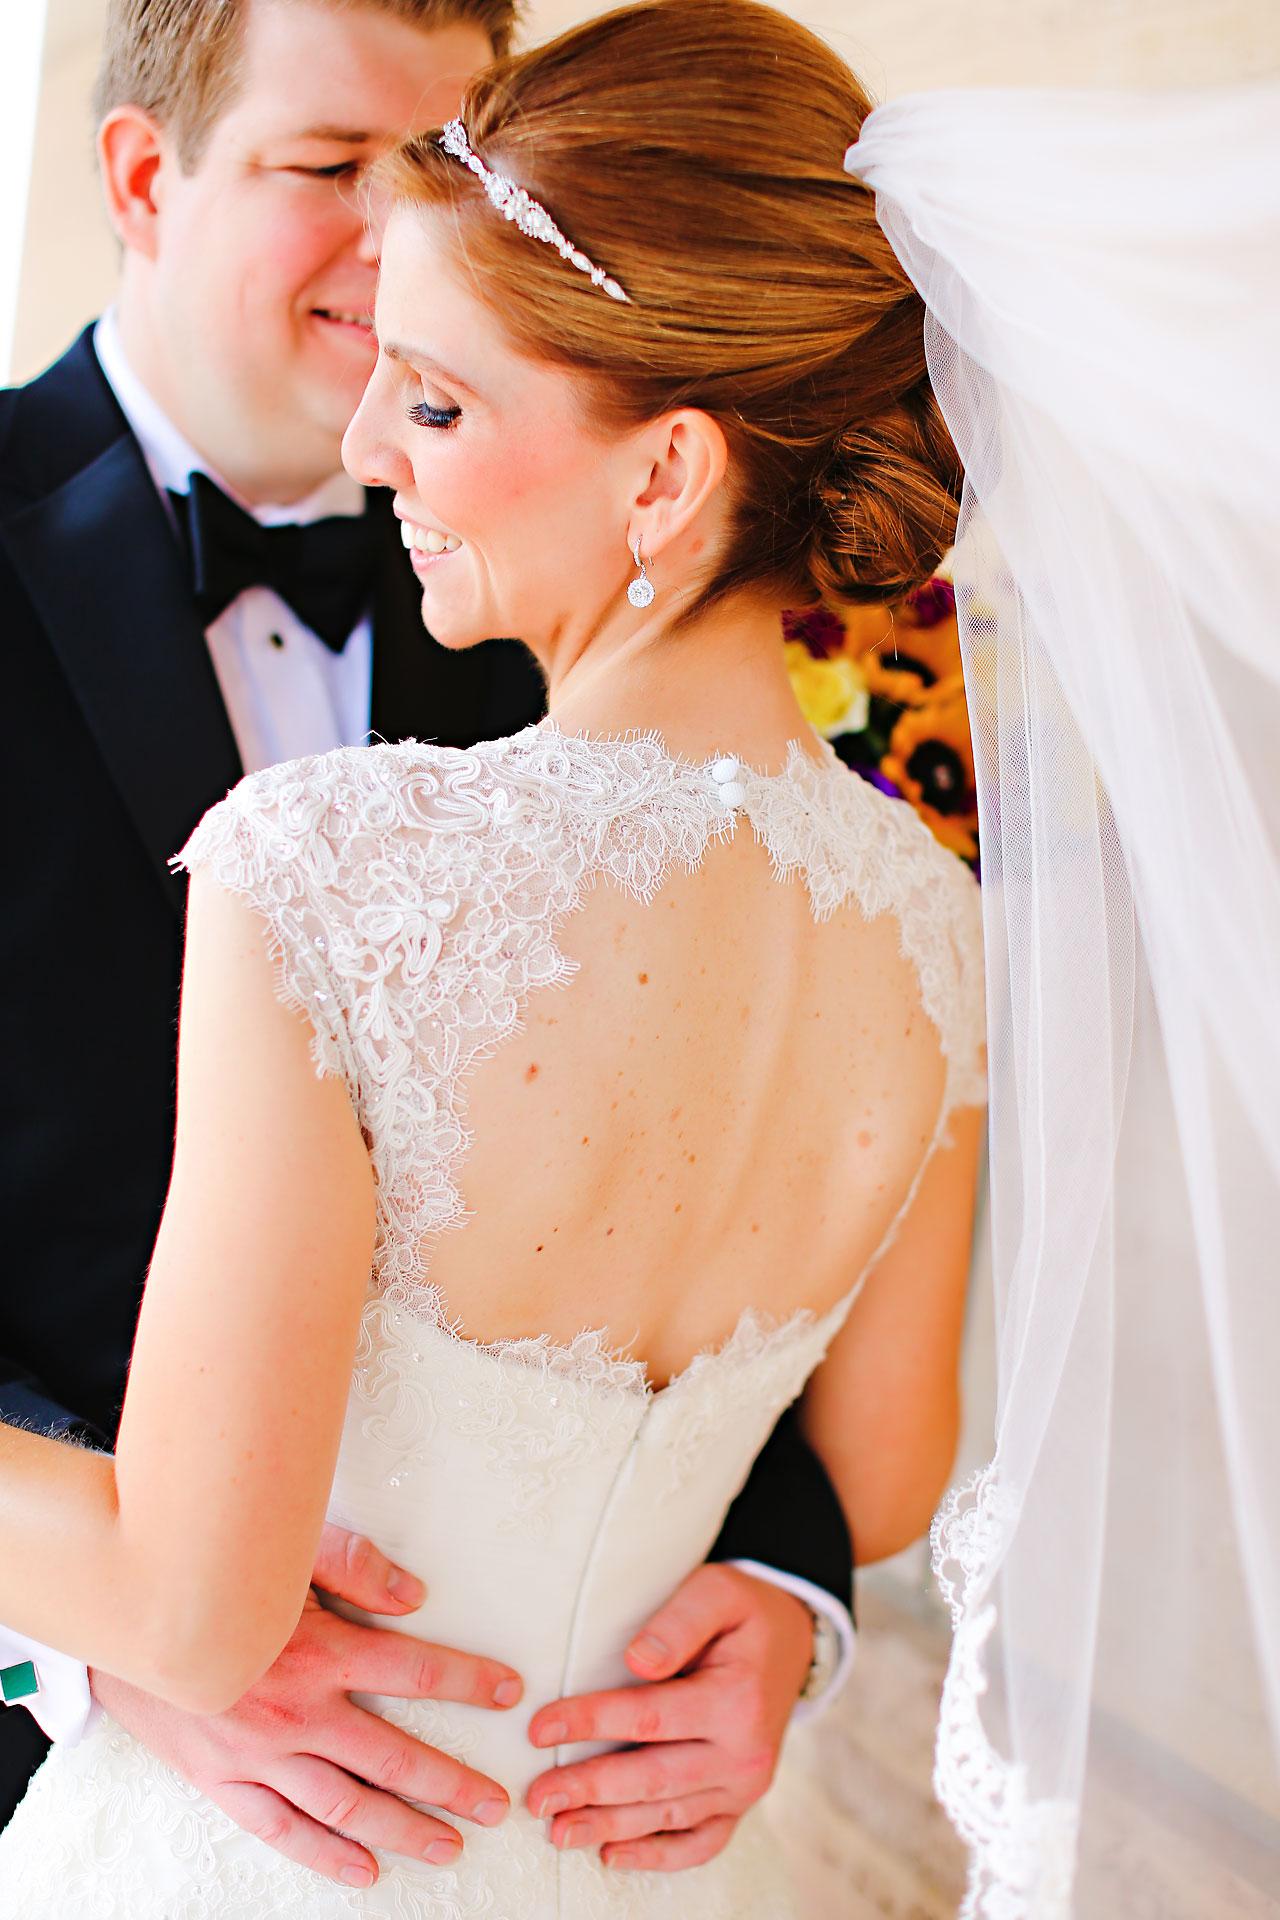 Lauren Matthew Union Station Wedding 041